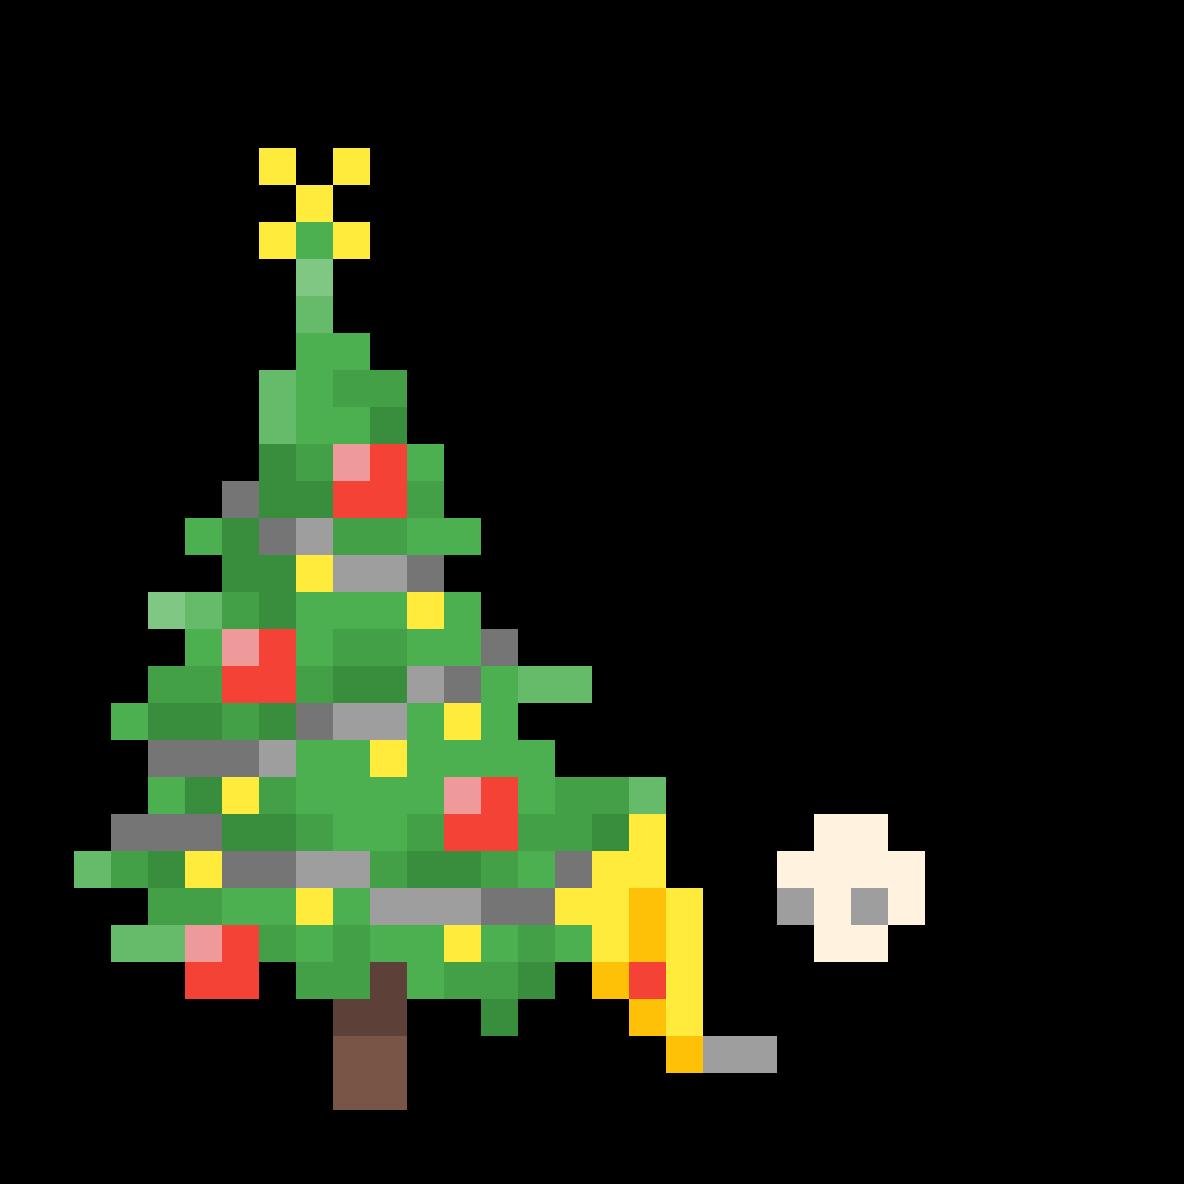 Celebrating christmas by milkingtheshake